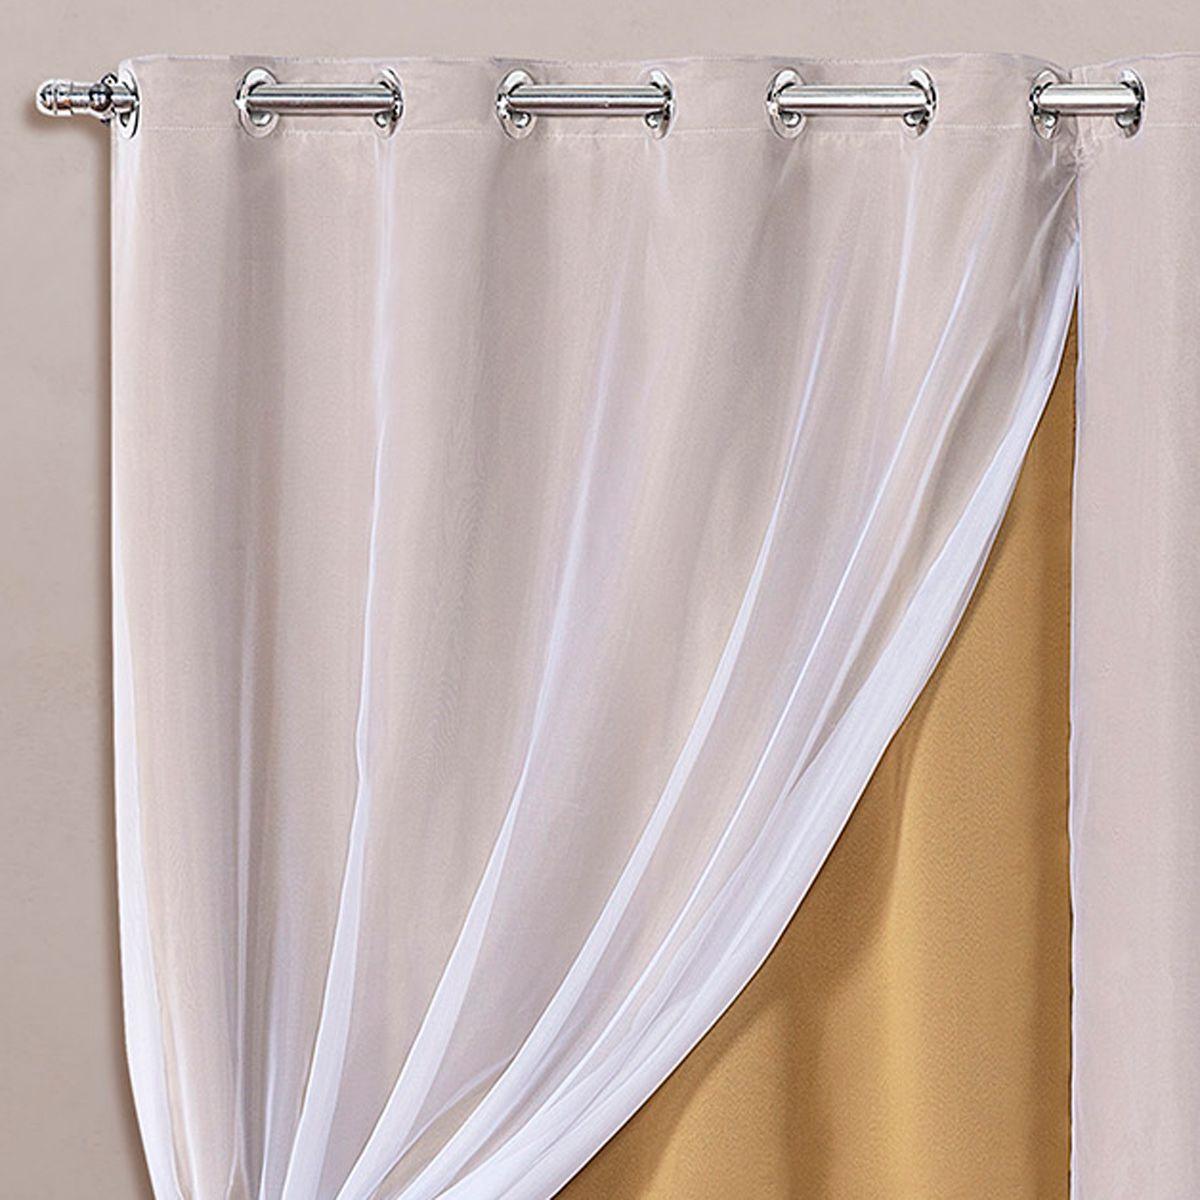 Cortina Blackout em Tecido Class c/ Voil Dourado/Branco Corta Luz 2,80m x 1,60m